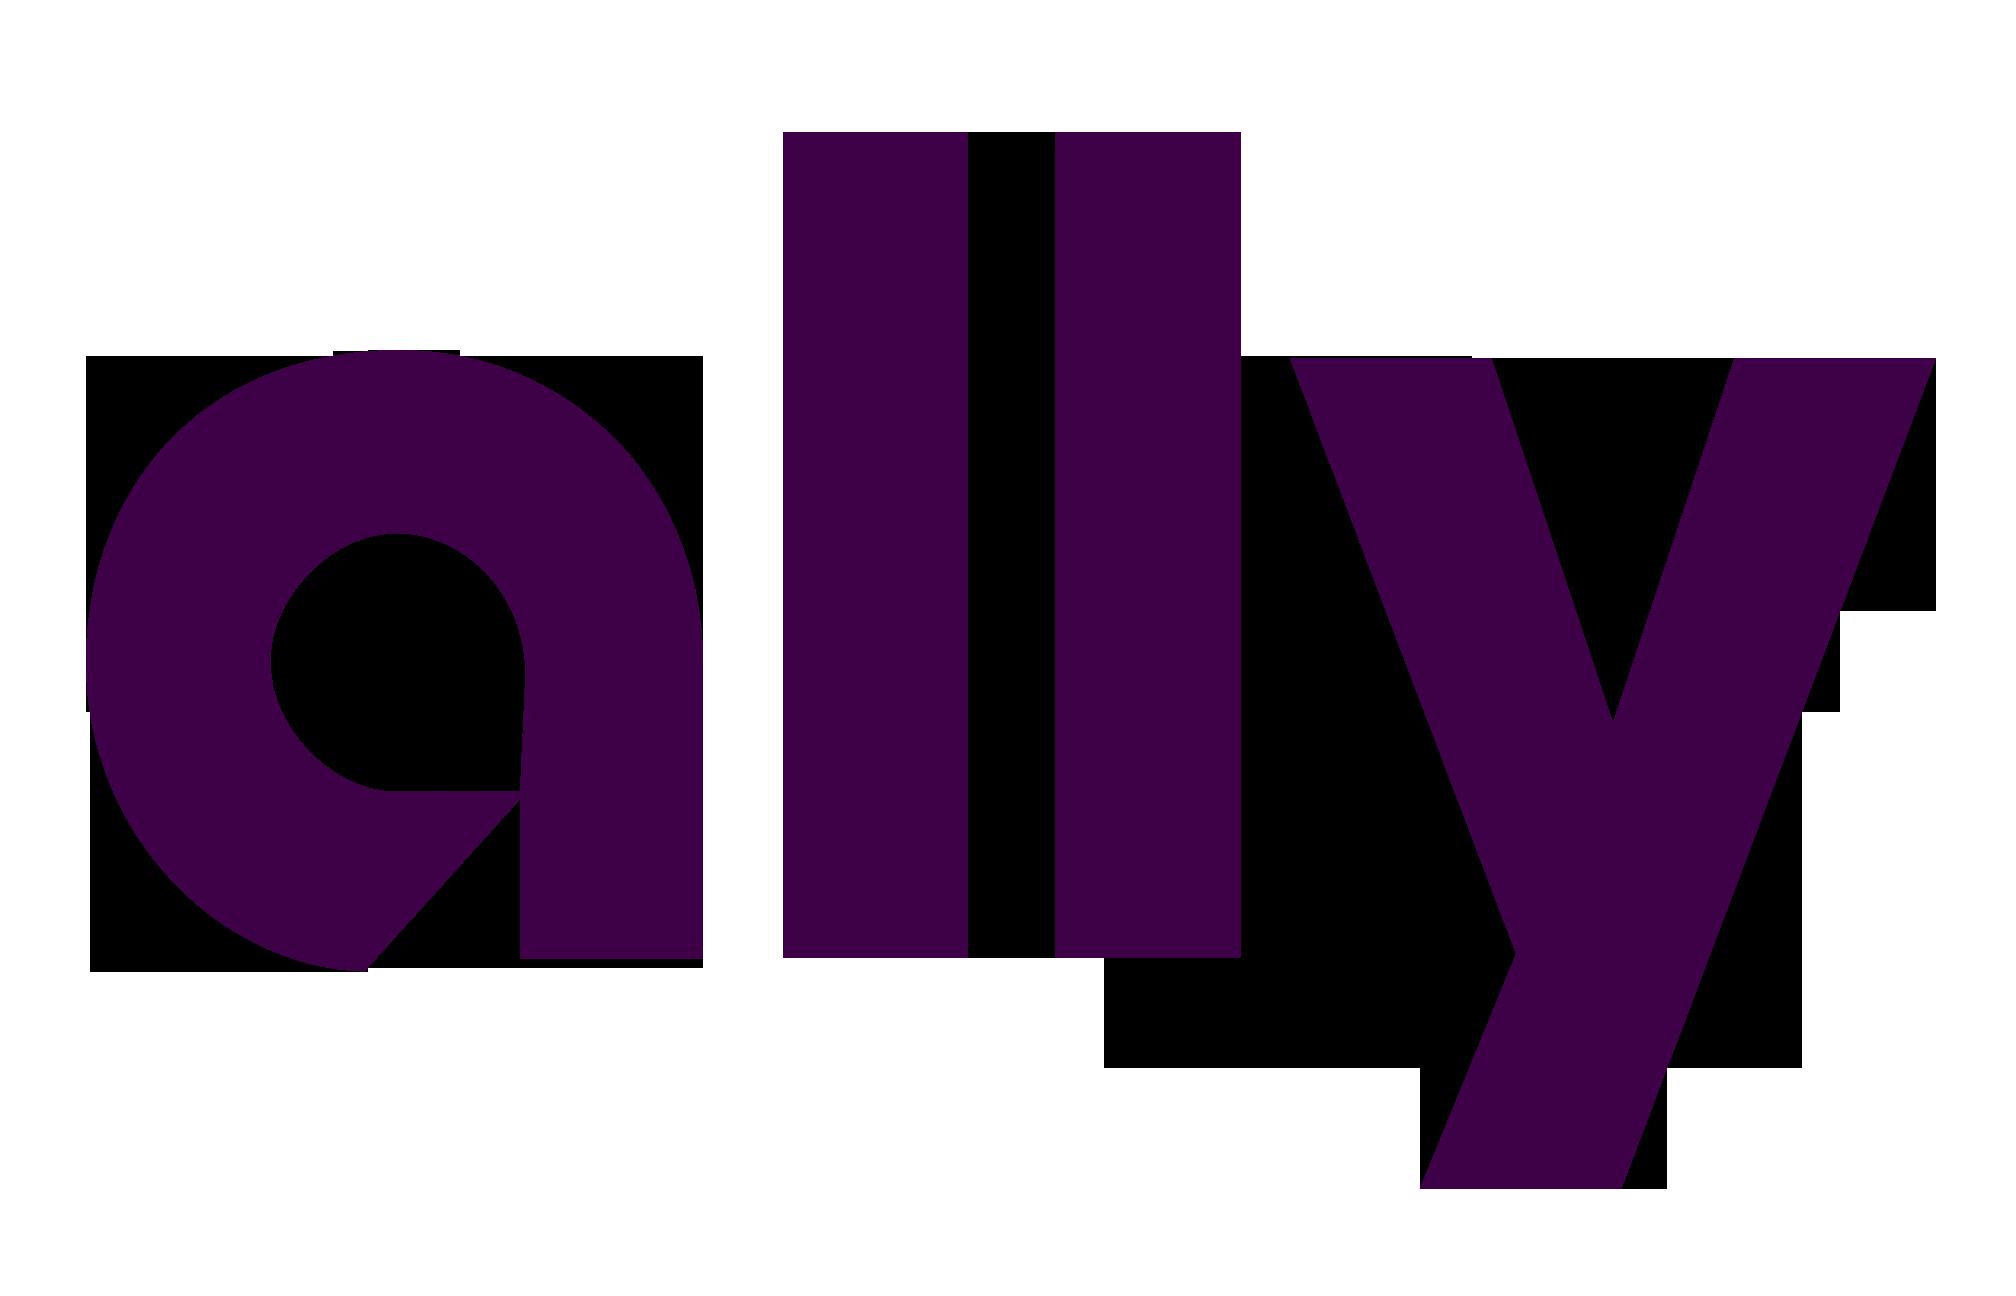 purepng.com-ally-logo-pnglogobrand-logoiconslogos-251519938112bdtg8.png